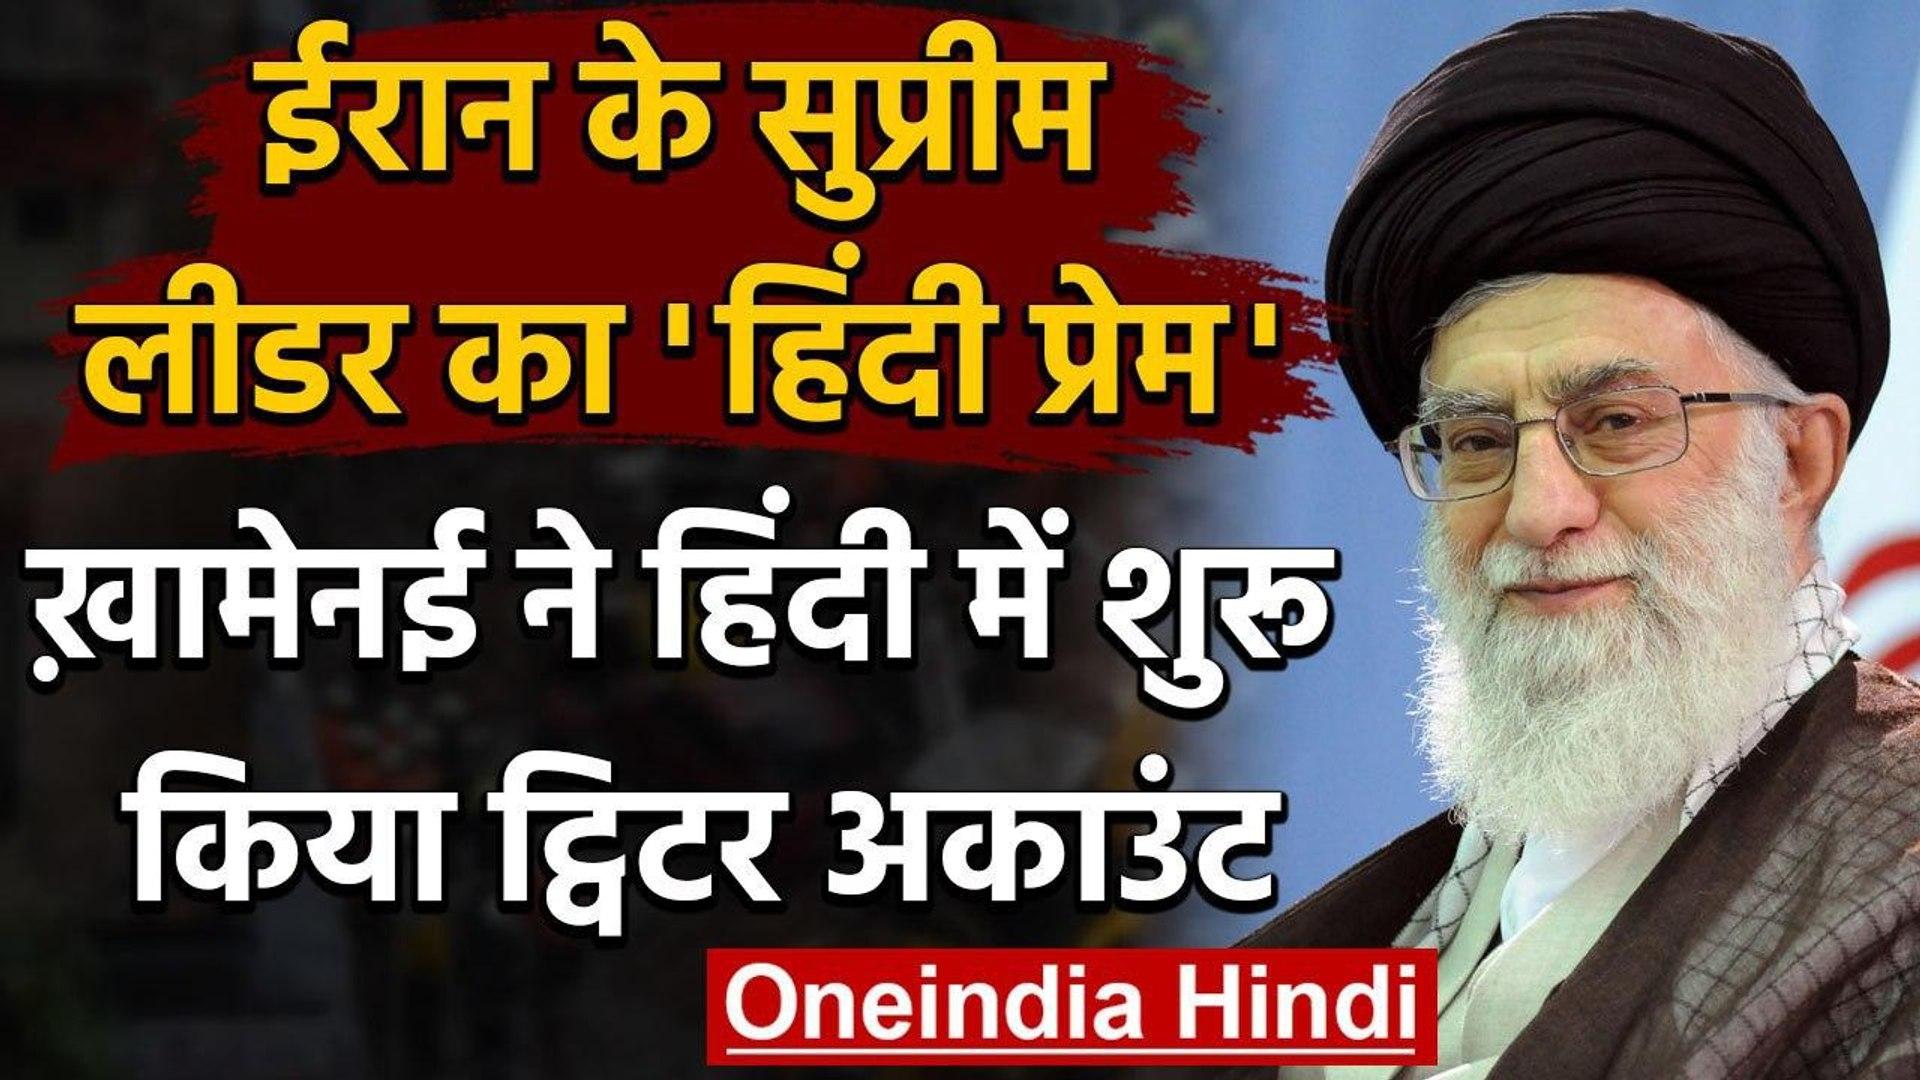 Ayatollah Sayyid Ali Khamenei का दिखा भारत प्रेम, Hindi में बनाया Twitter अकाउंट | वनइंडिया हिंदी